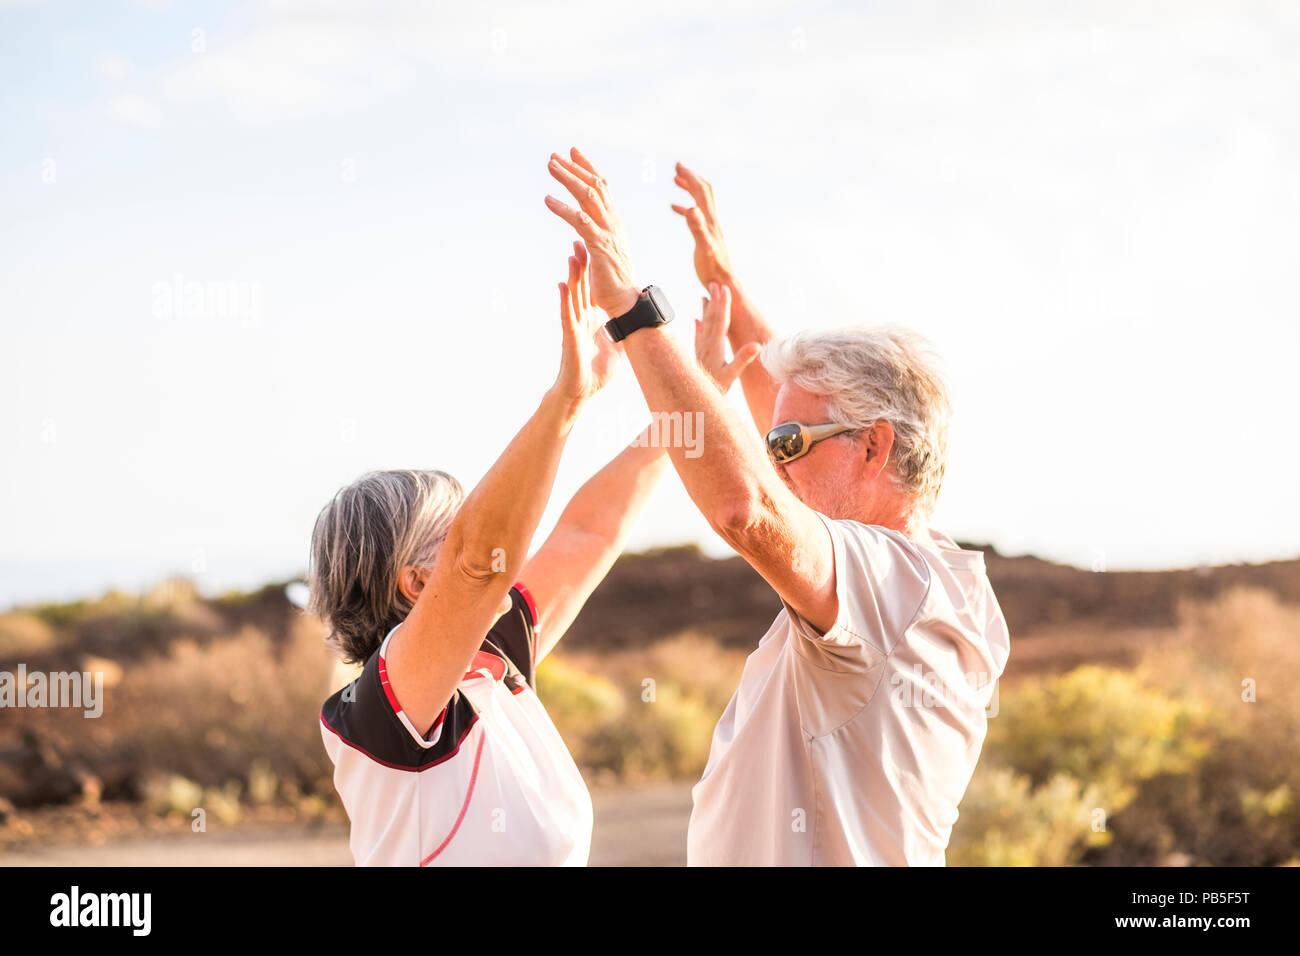 Senior pareja disfrutar y ganar juntos dan cinco y abrazarse bajo un clima agradable día de sol en verano. La actividad deportiva y ropa. Edad activa Imagen De Stock